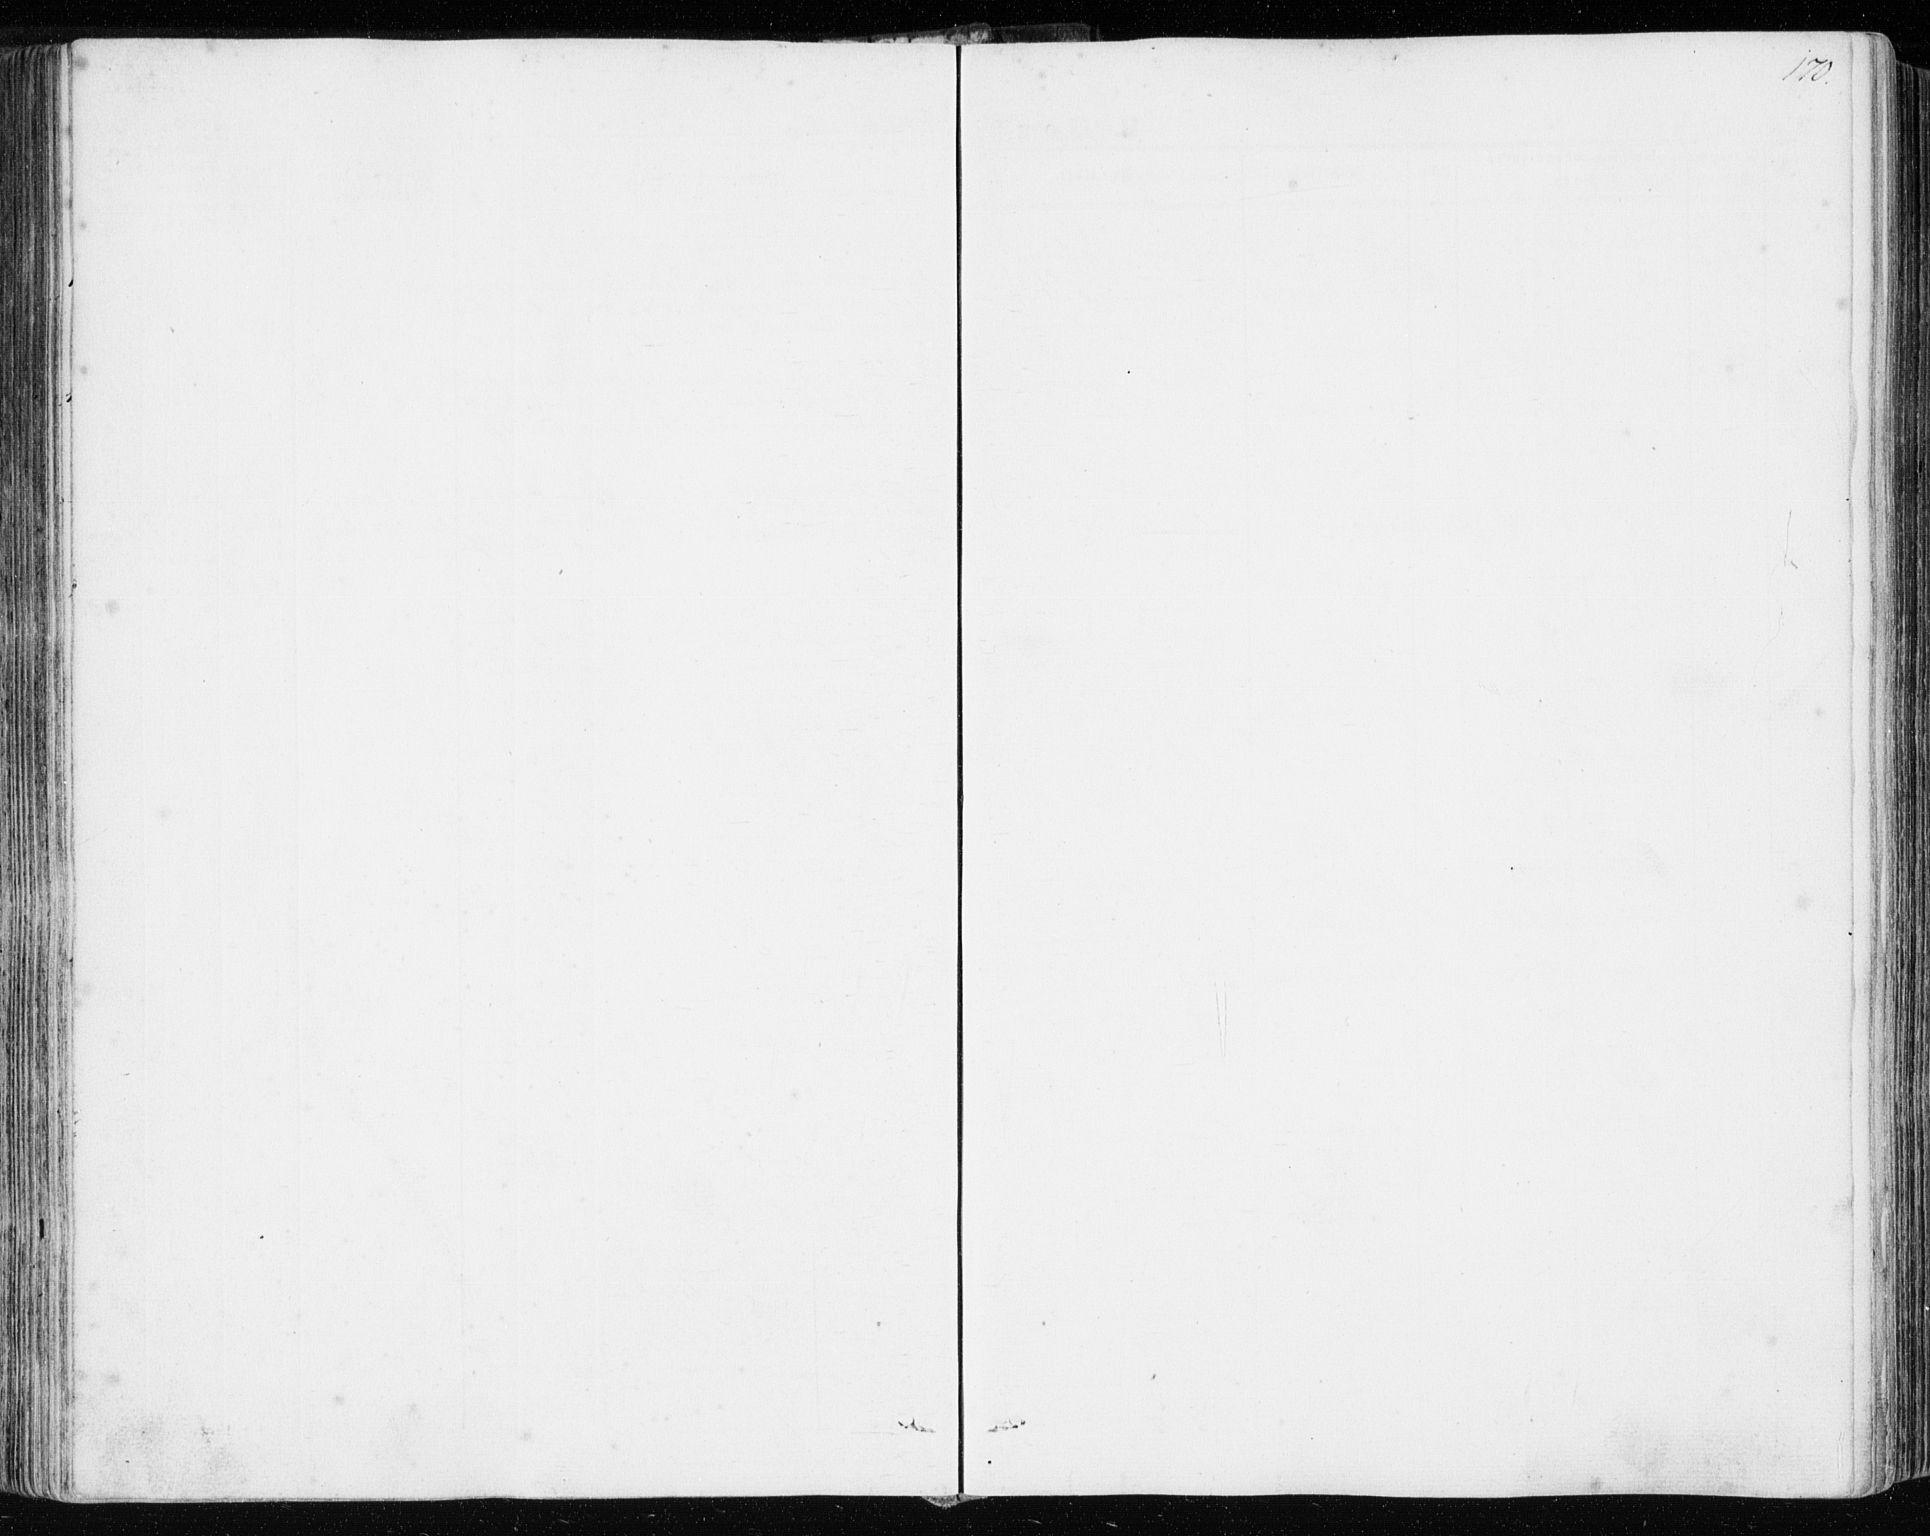 SAT, Ministerialprotokoller, klokkerbøker og fødselsregistre - Sør-Trøndelag, 634/L0530: Ministerialbok nr. 634A06, 1852-1860, s. 170